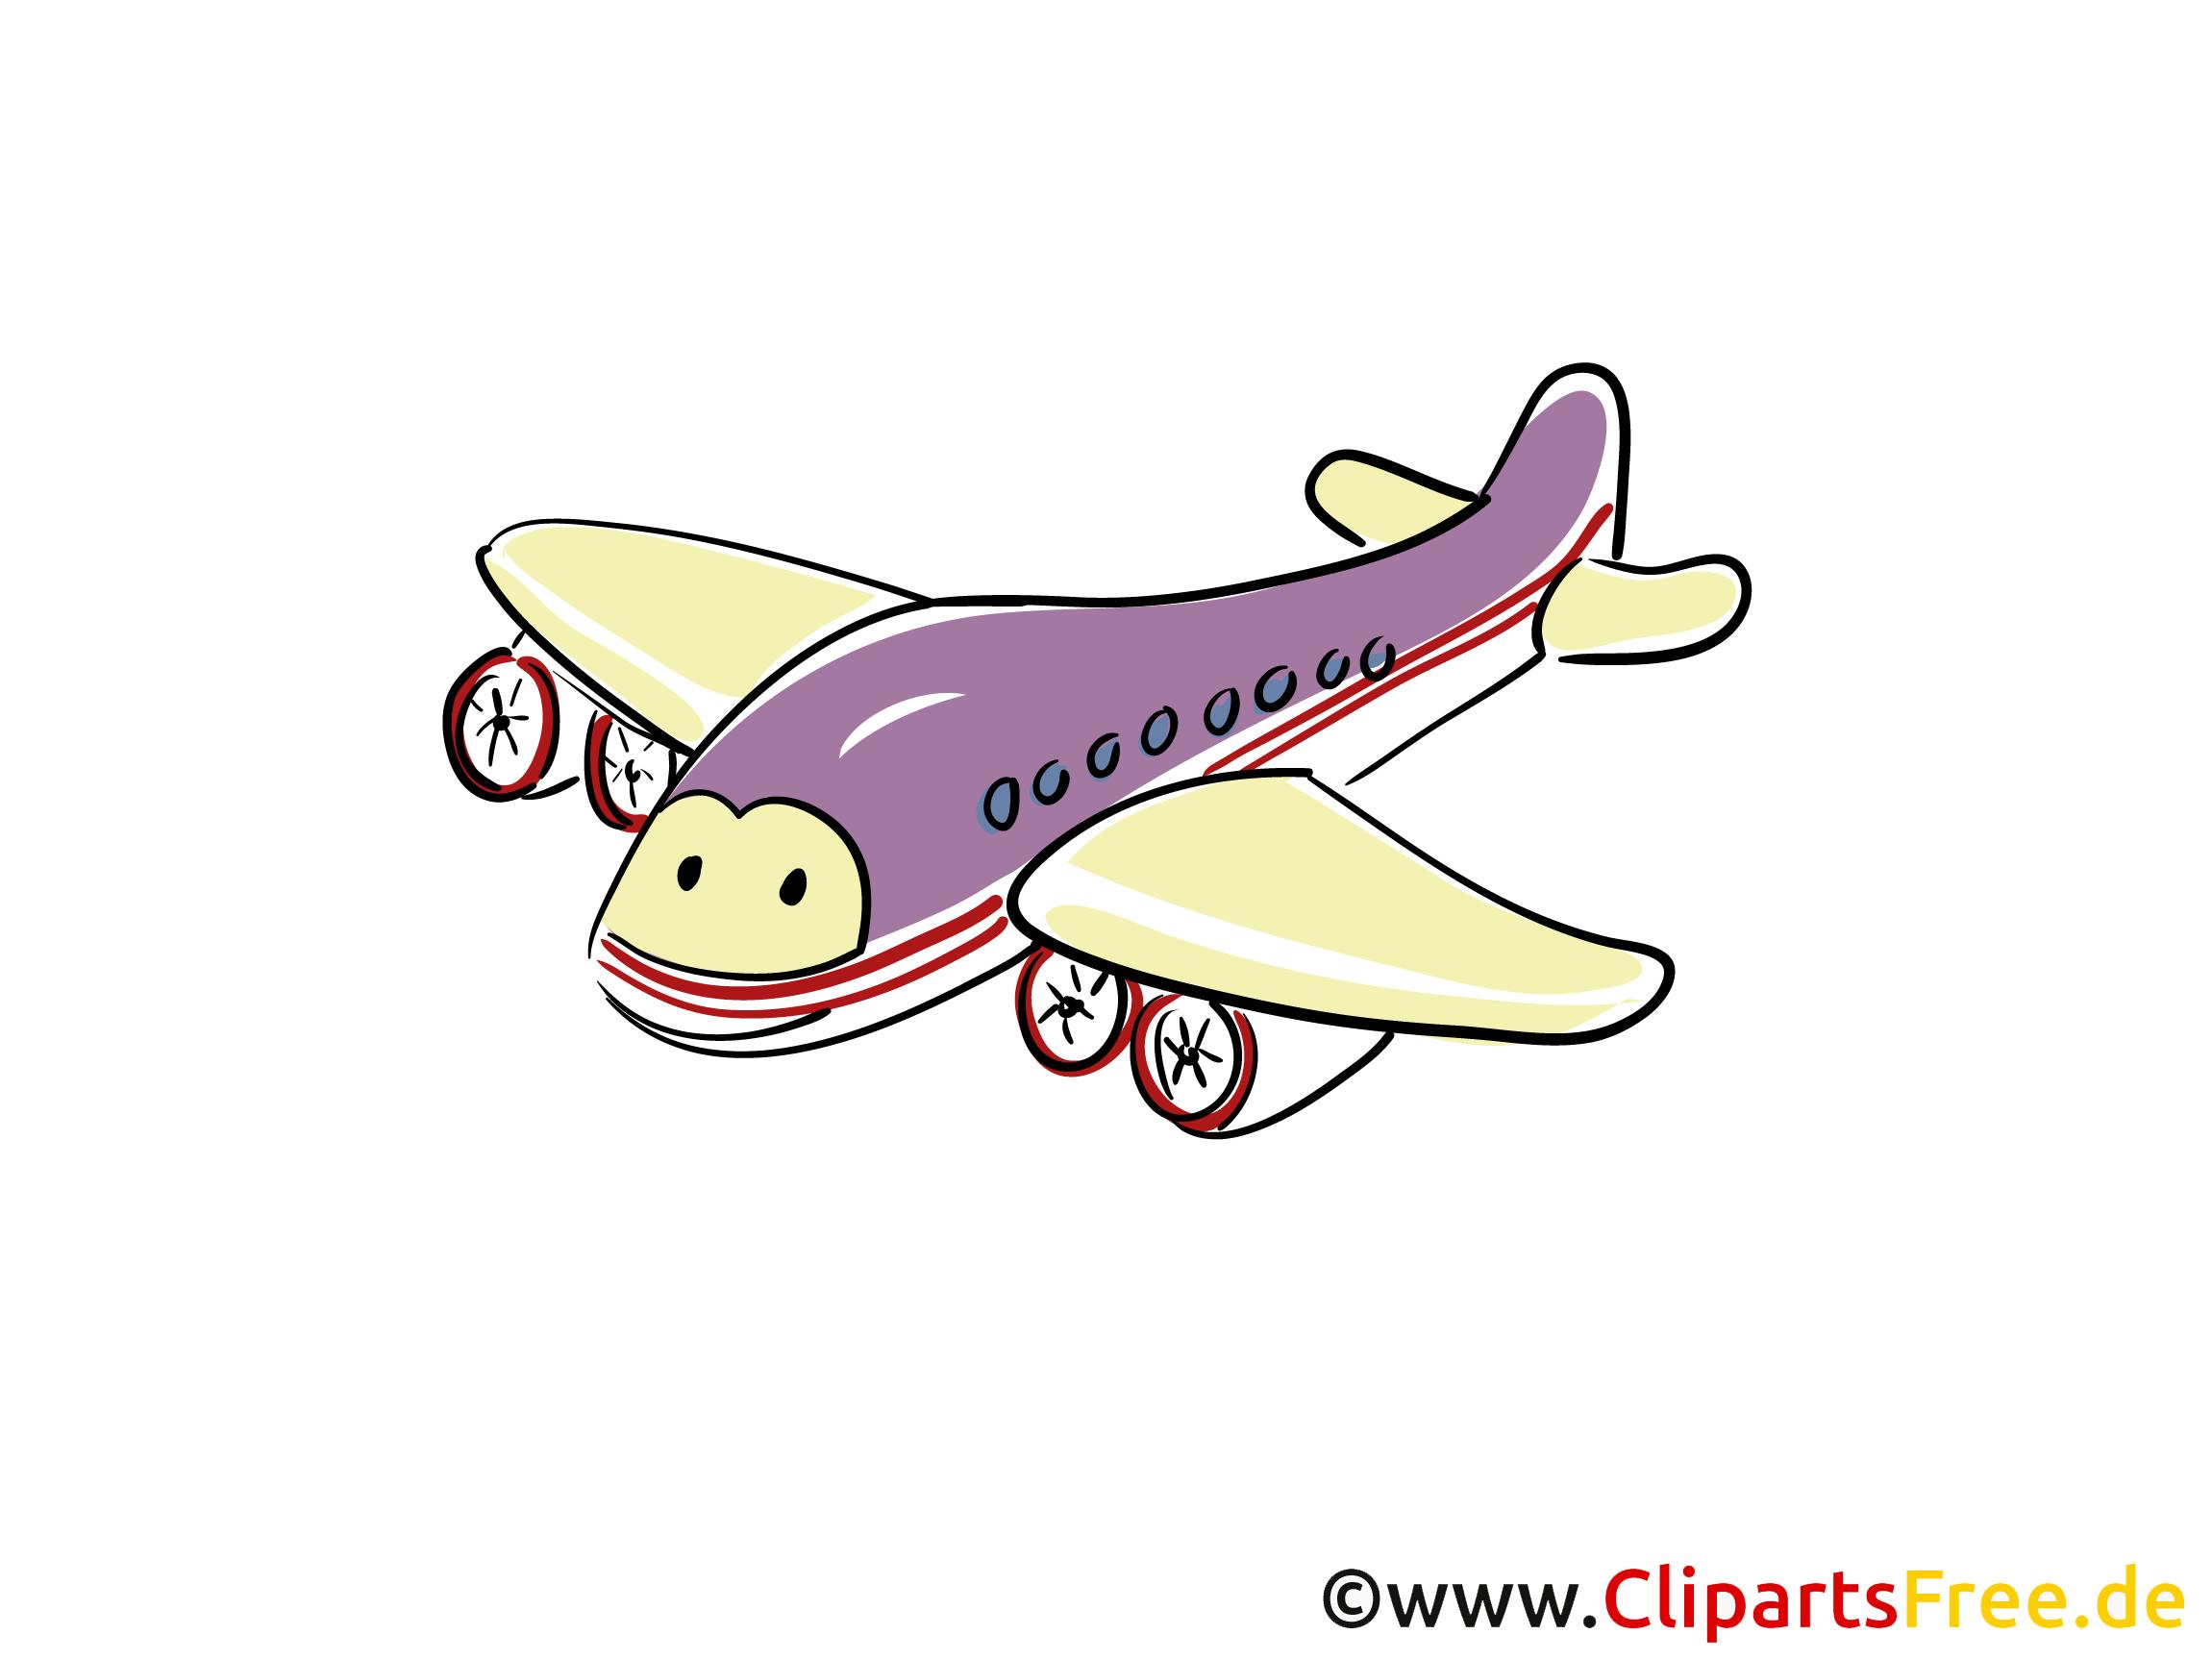 Düsenflugzeug Clipart und Illustrationen